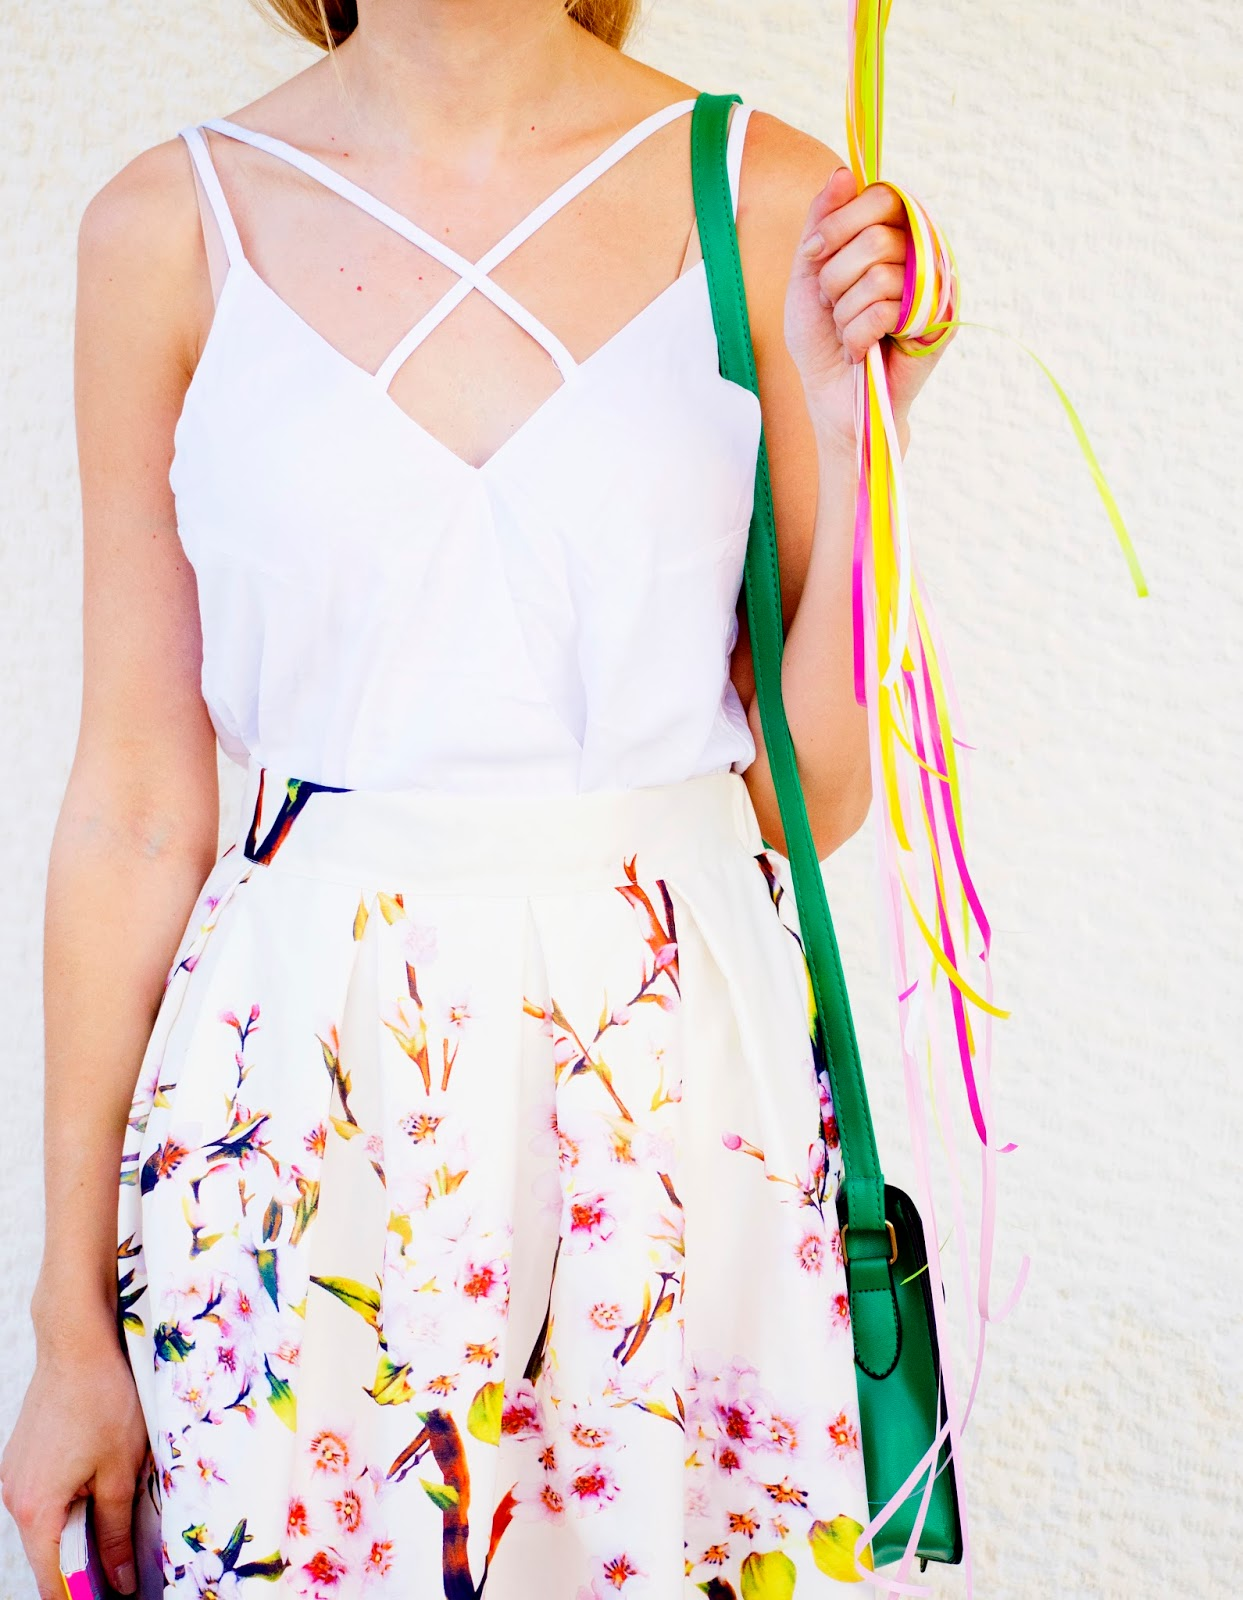 http://www.dressfo.com/p/trendy-spaghetti-straps-solid-color-tank-p_7989.html?lkid=417